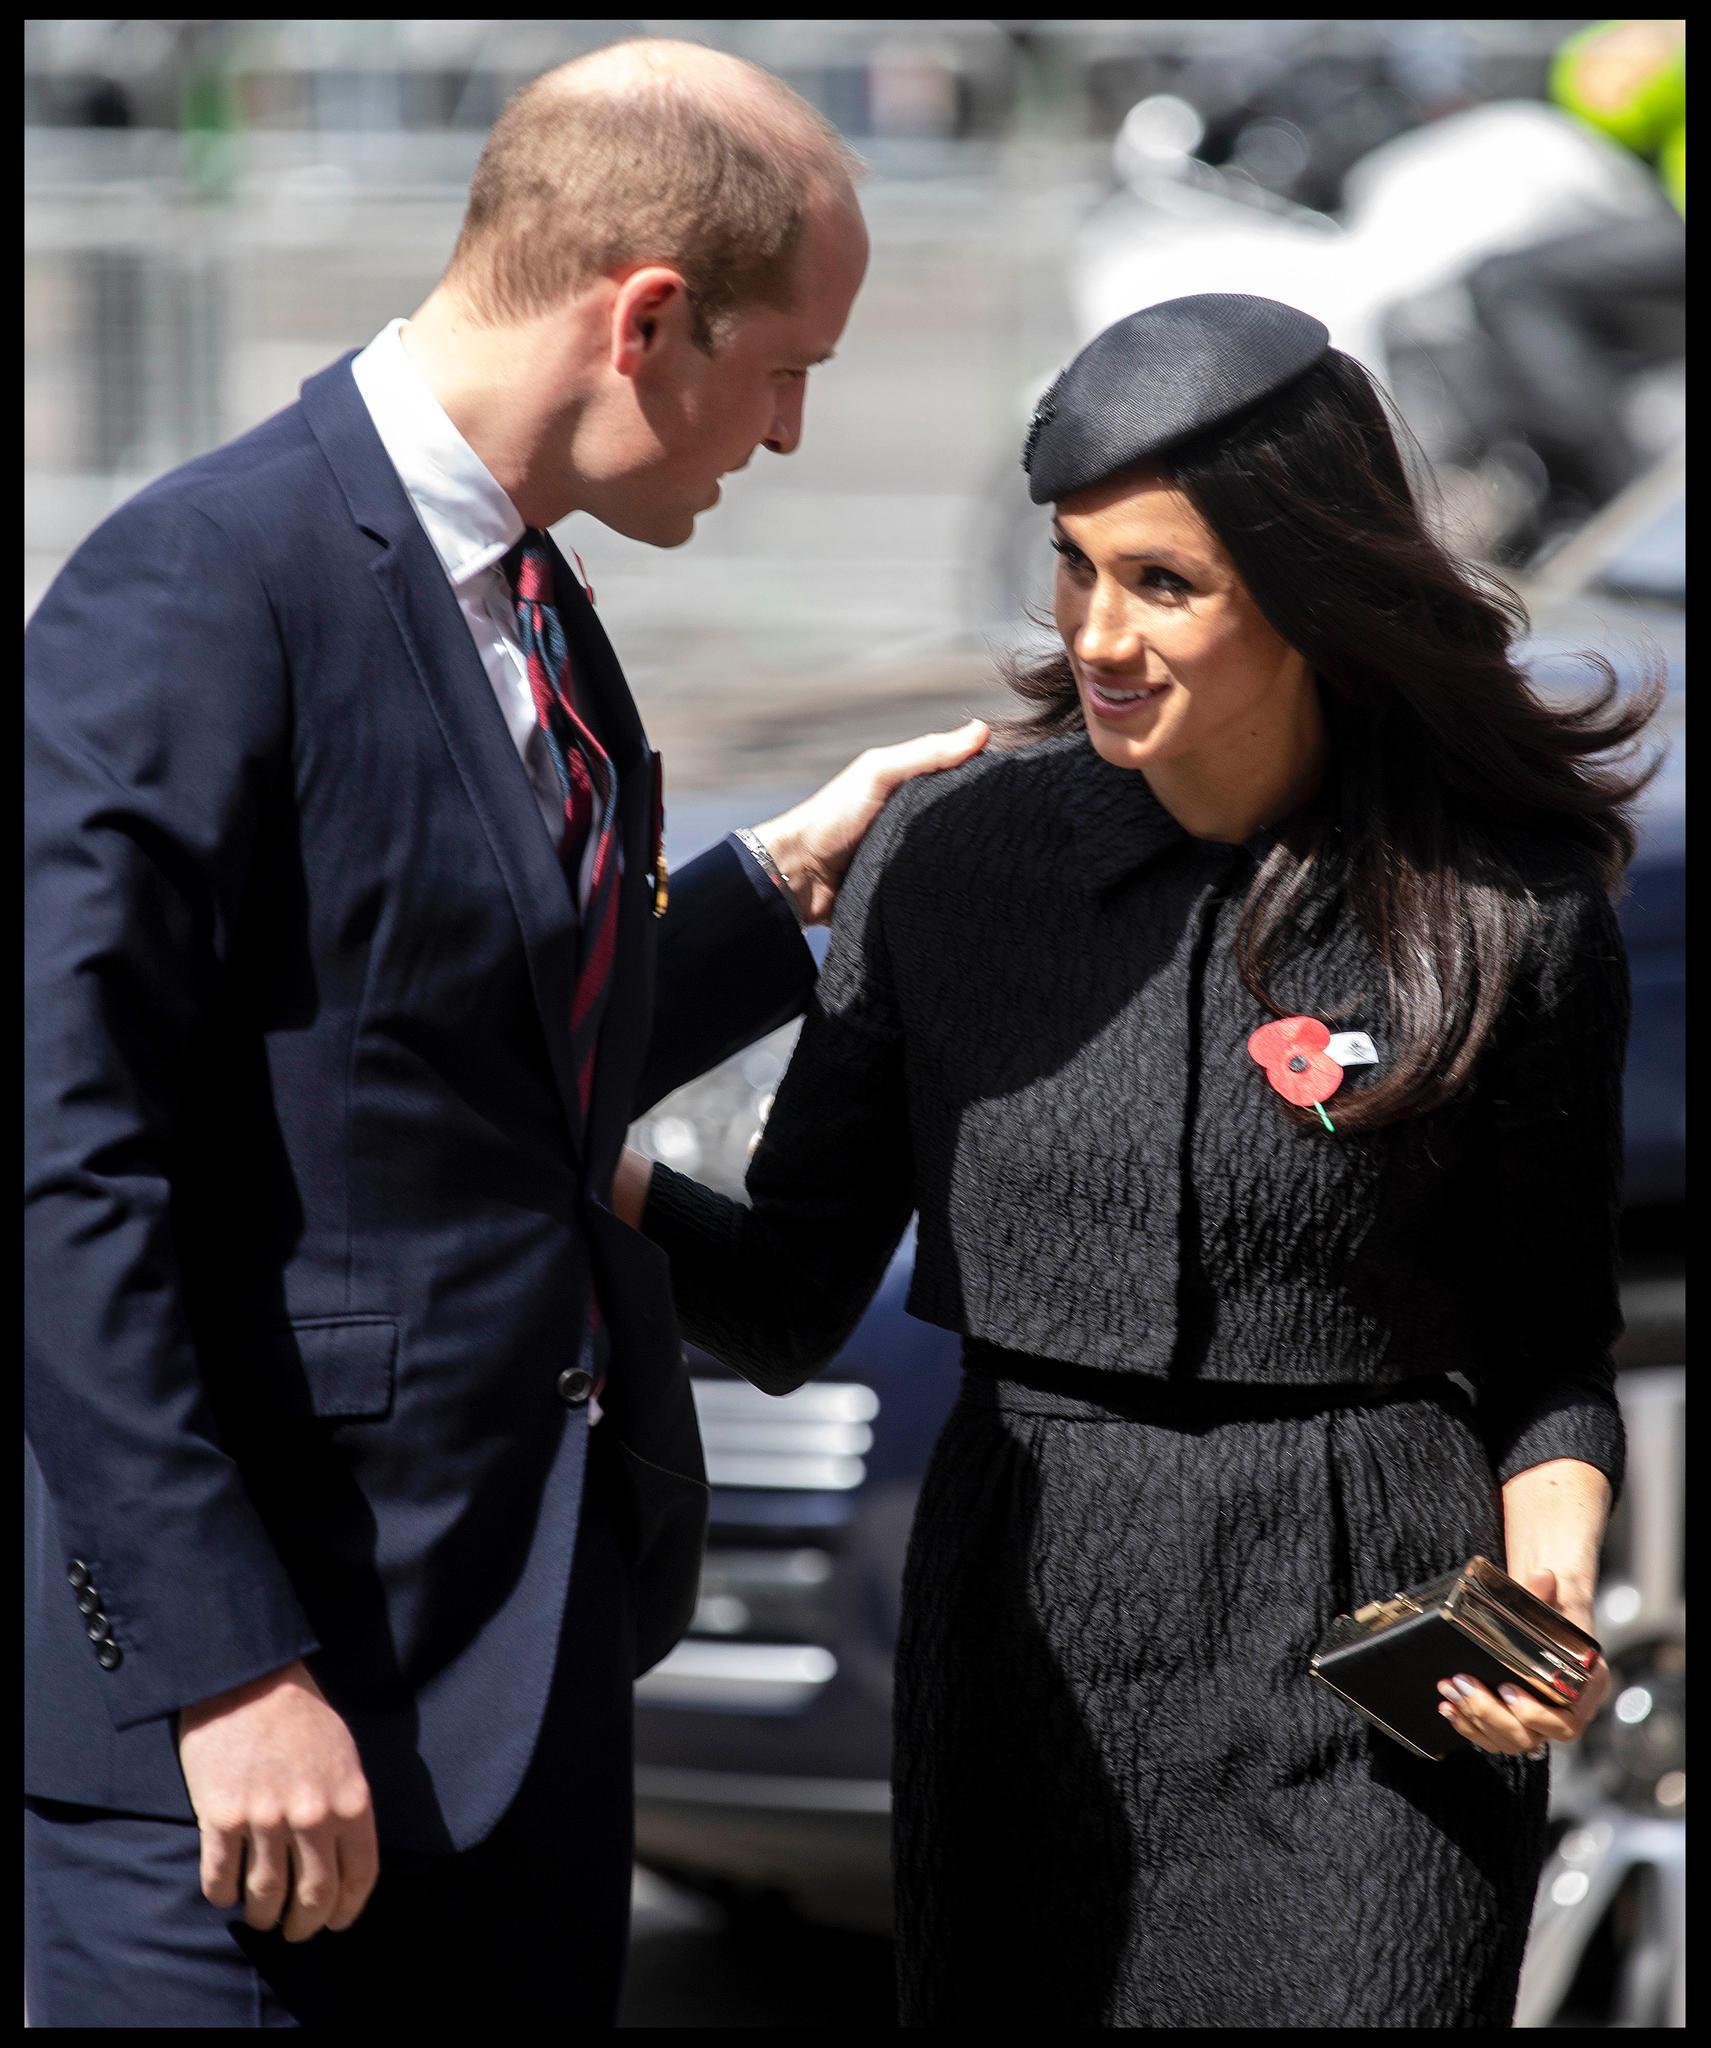 Prinz William und Meghan Markle begrüßen sich kurz vor dem Gottesdienst anlässlich des Anzac Days. Die Gesten der beiden deuten auf ein herzliches Verhältnis hin.